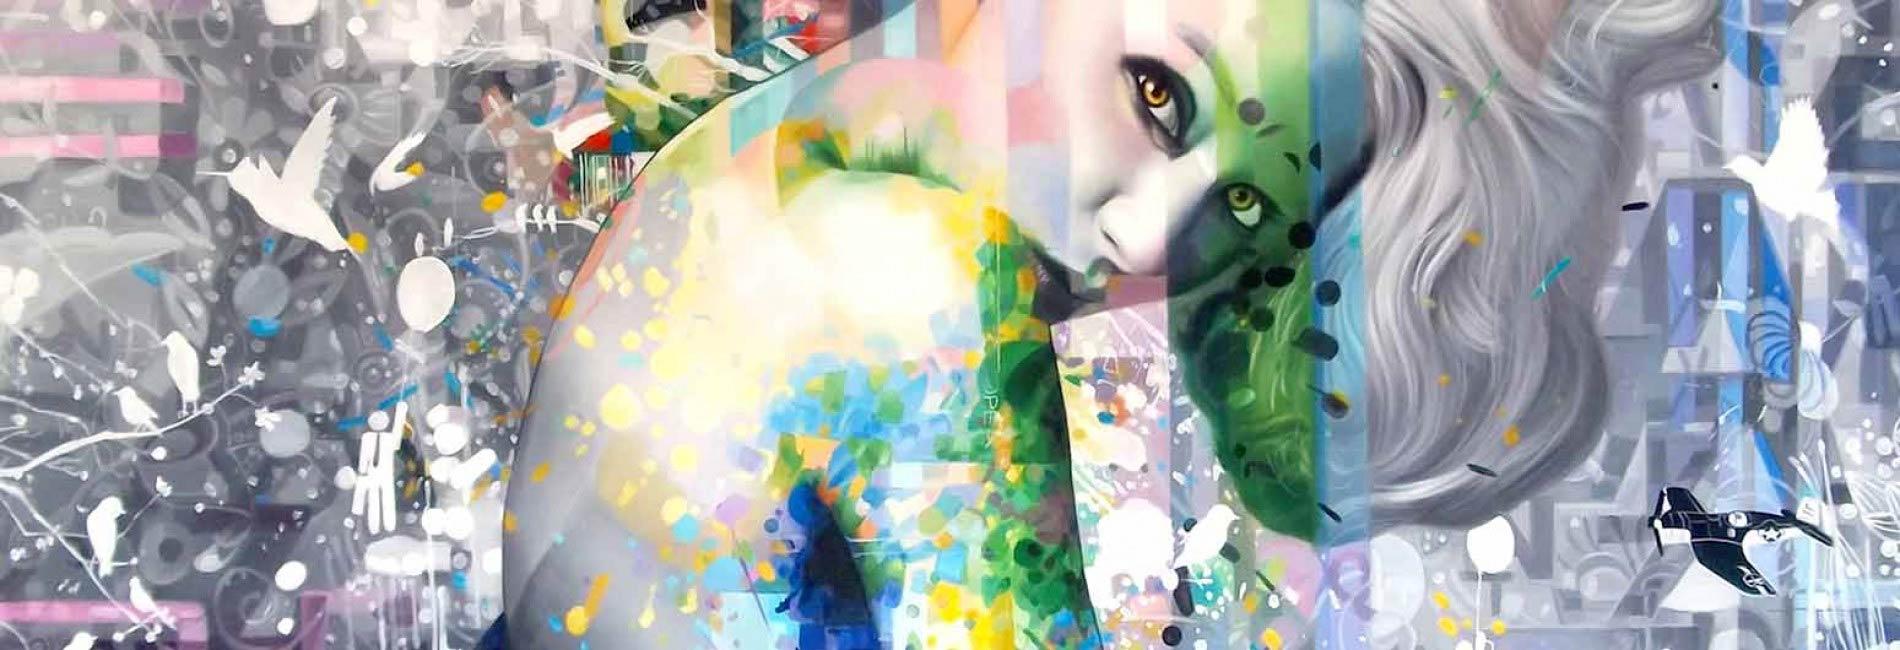 malerier_kunst_maleri_moderne-kunst_malerier-til-salg-abstrakte-malerier-10